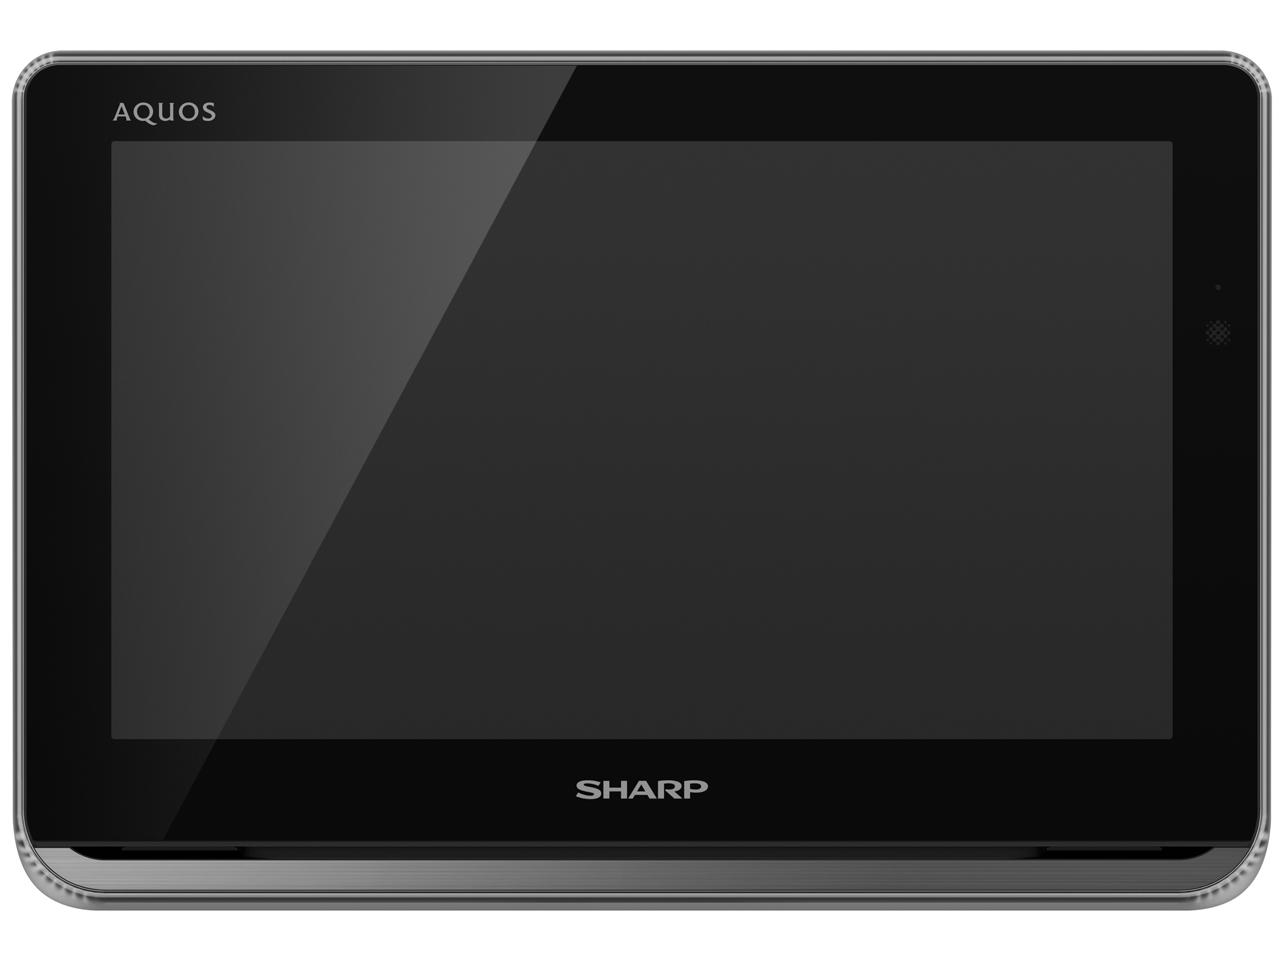 【新品/取寄品】2T-C12AP-B(ブラック) ポータブル液晶テレビ AQUOSポータブル